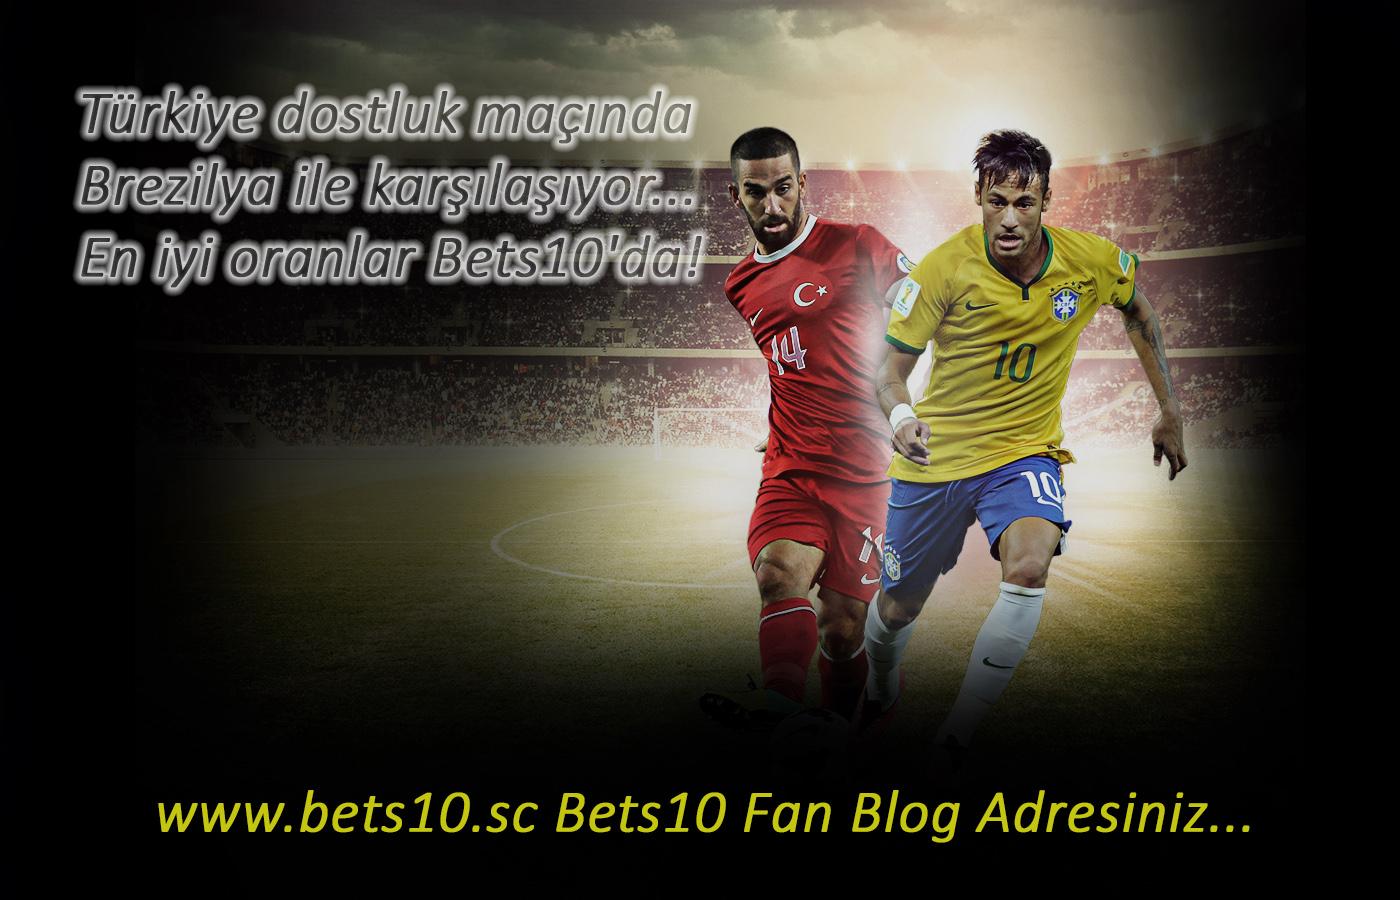 Bets10 Türkiye-Breziya En iyi Oran